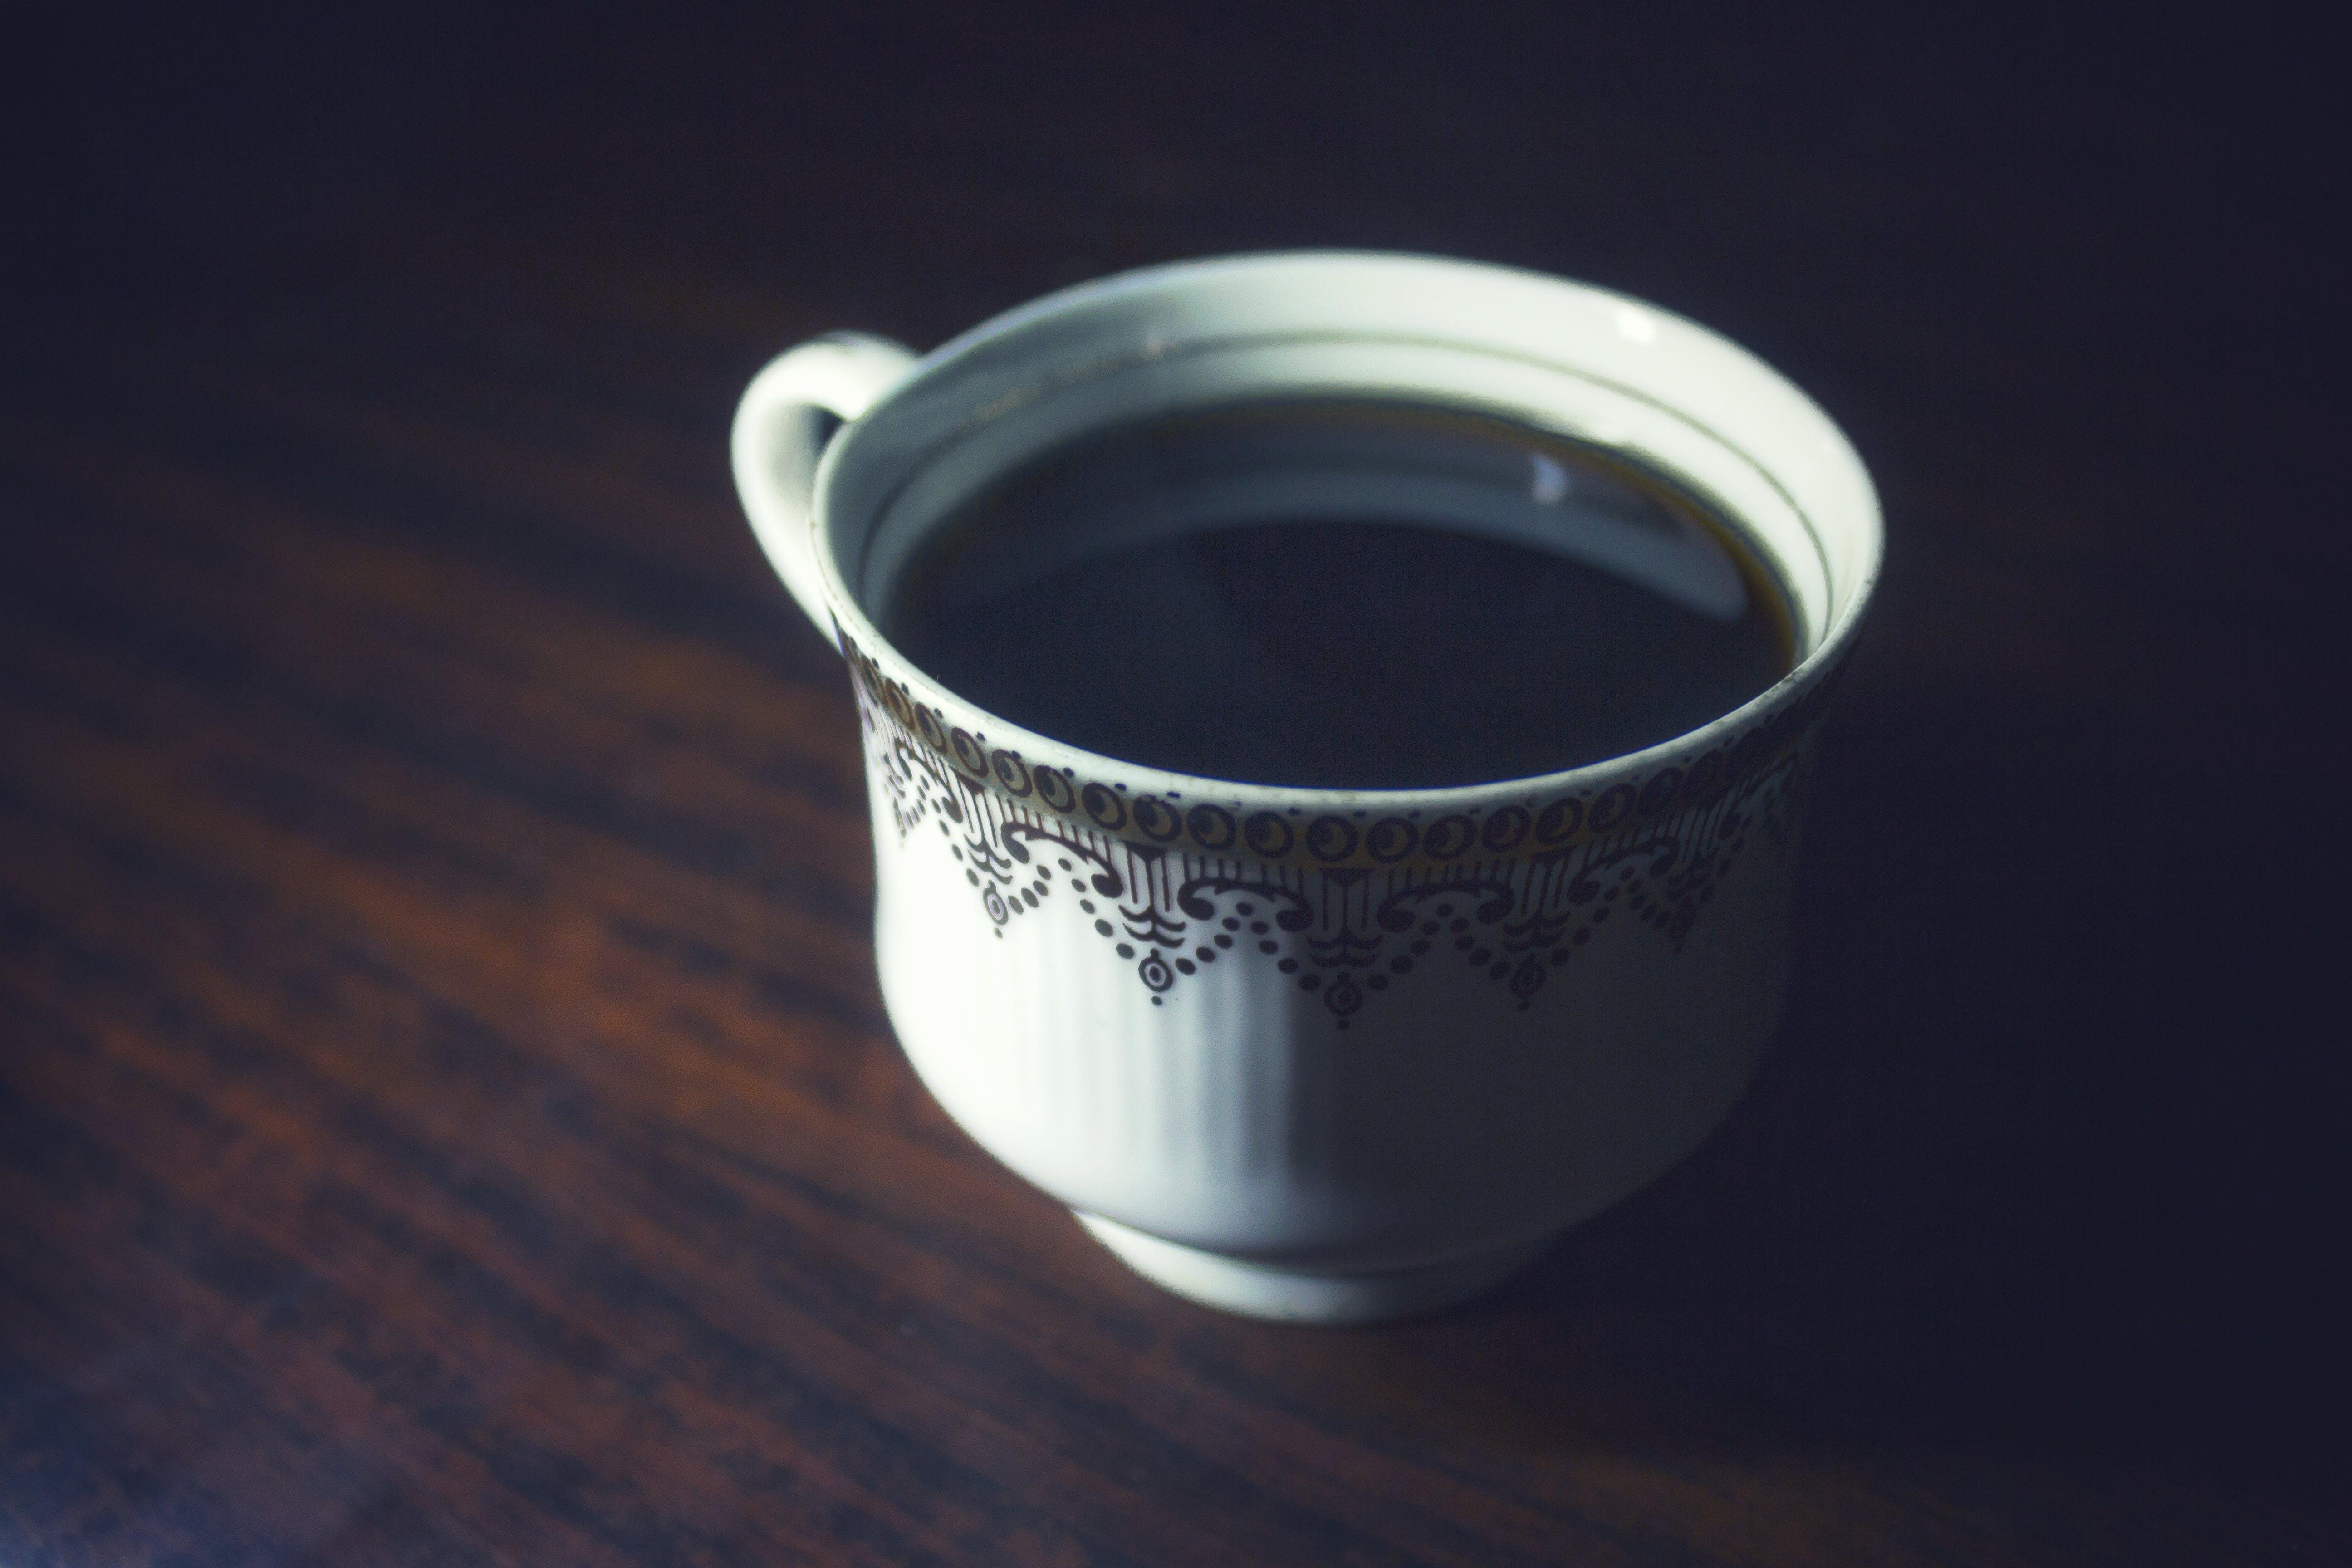 도자기, 뜨거운, 맛있는, 블랙 커피의 무료 스톡 사진